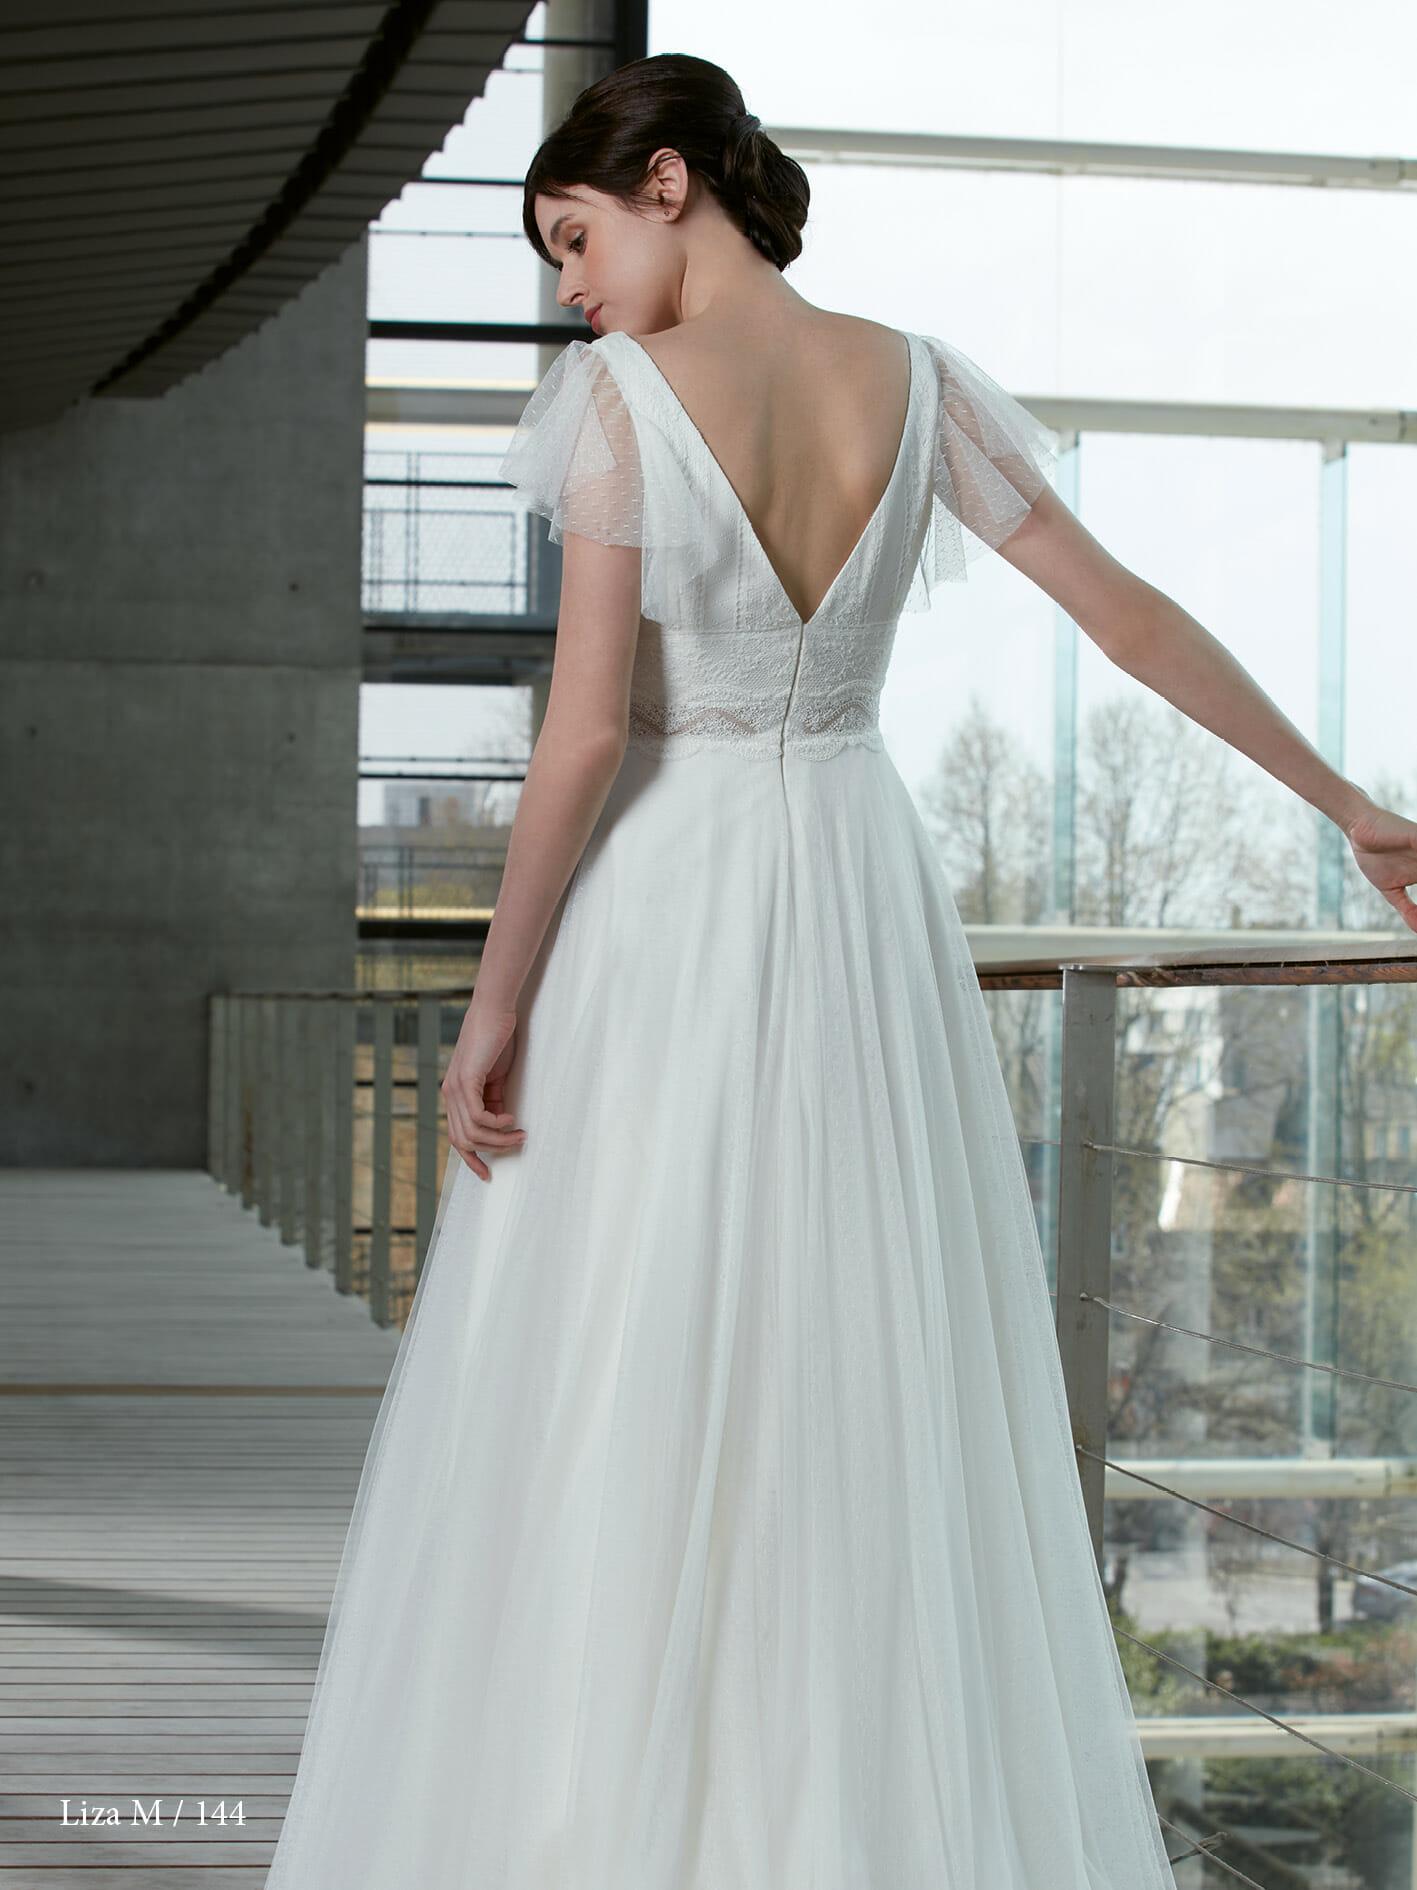 La robe de mariée Liza, style bohème fabriquée en France par Créations Bochet pour Croquelune